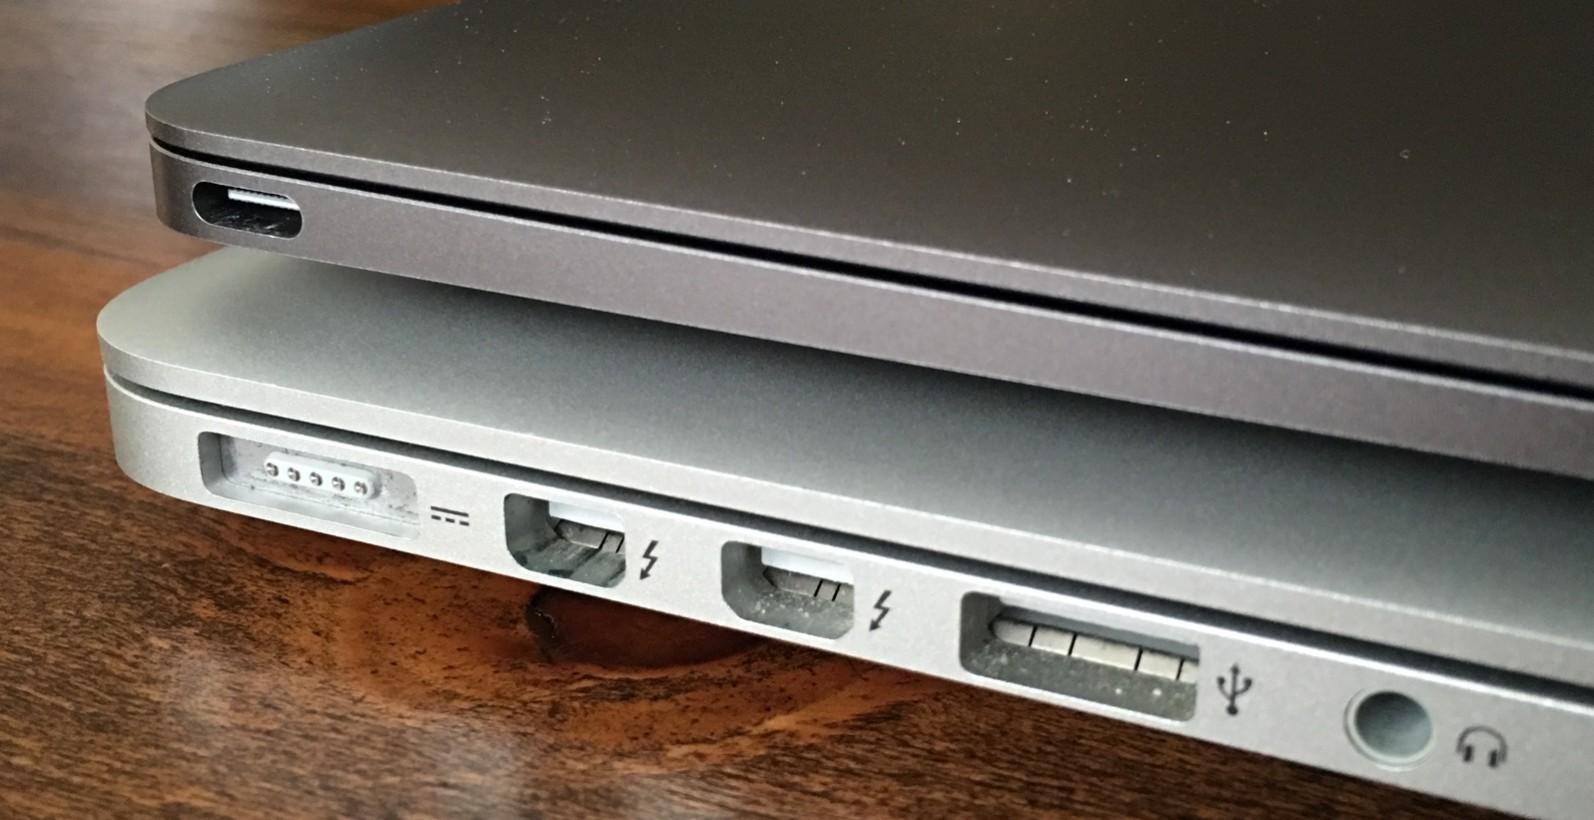 MacBookDuel7TNW